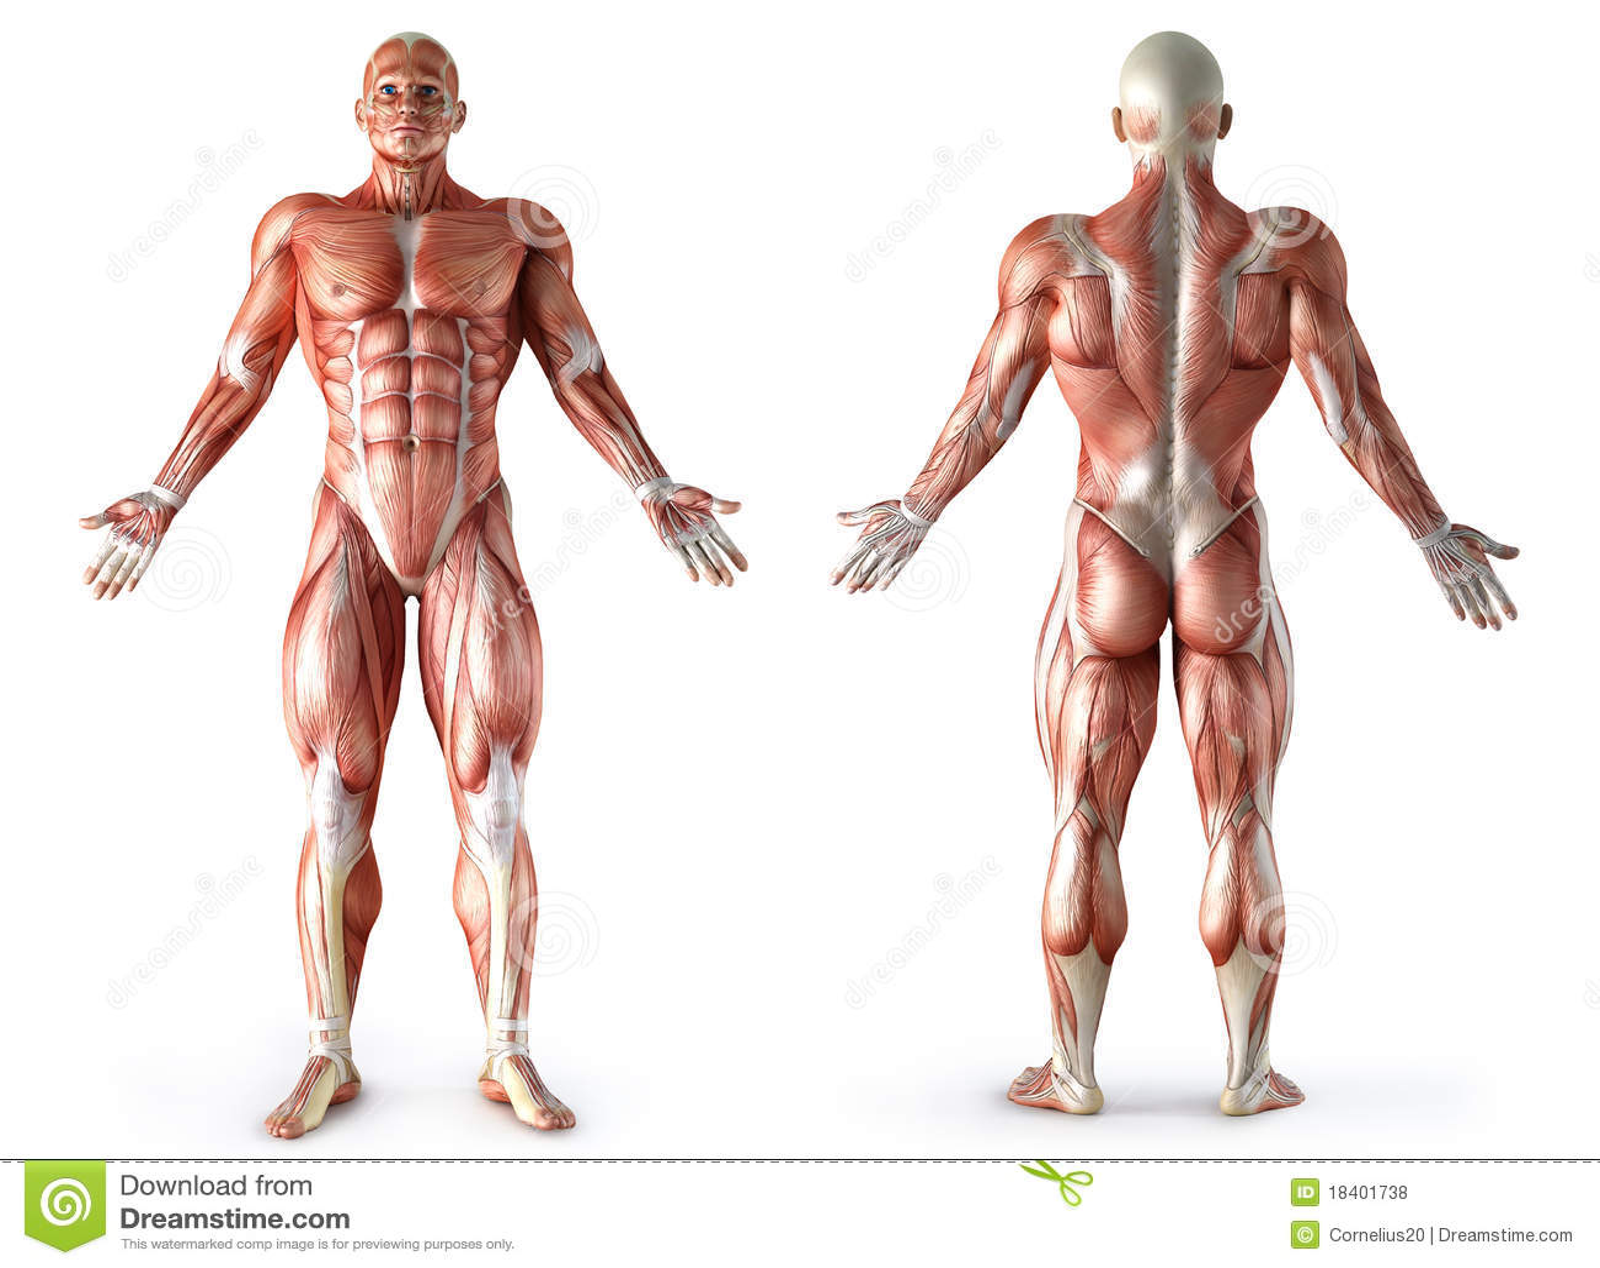 Anatomie, Muskeln stock abbildung. Illustration von kasten - 18401738